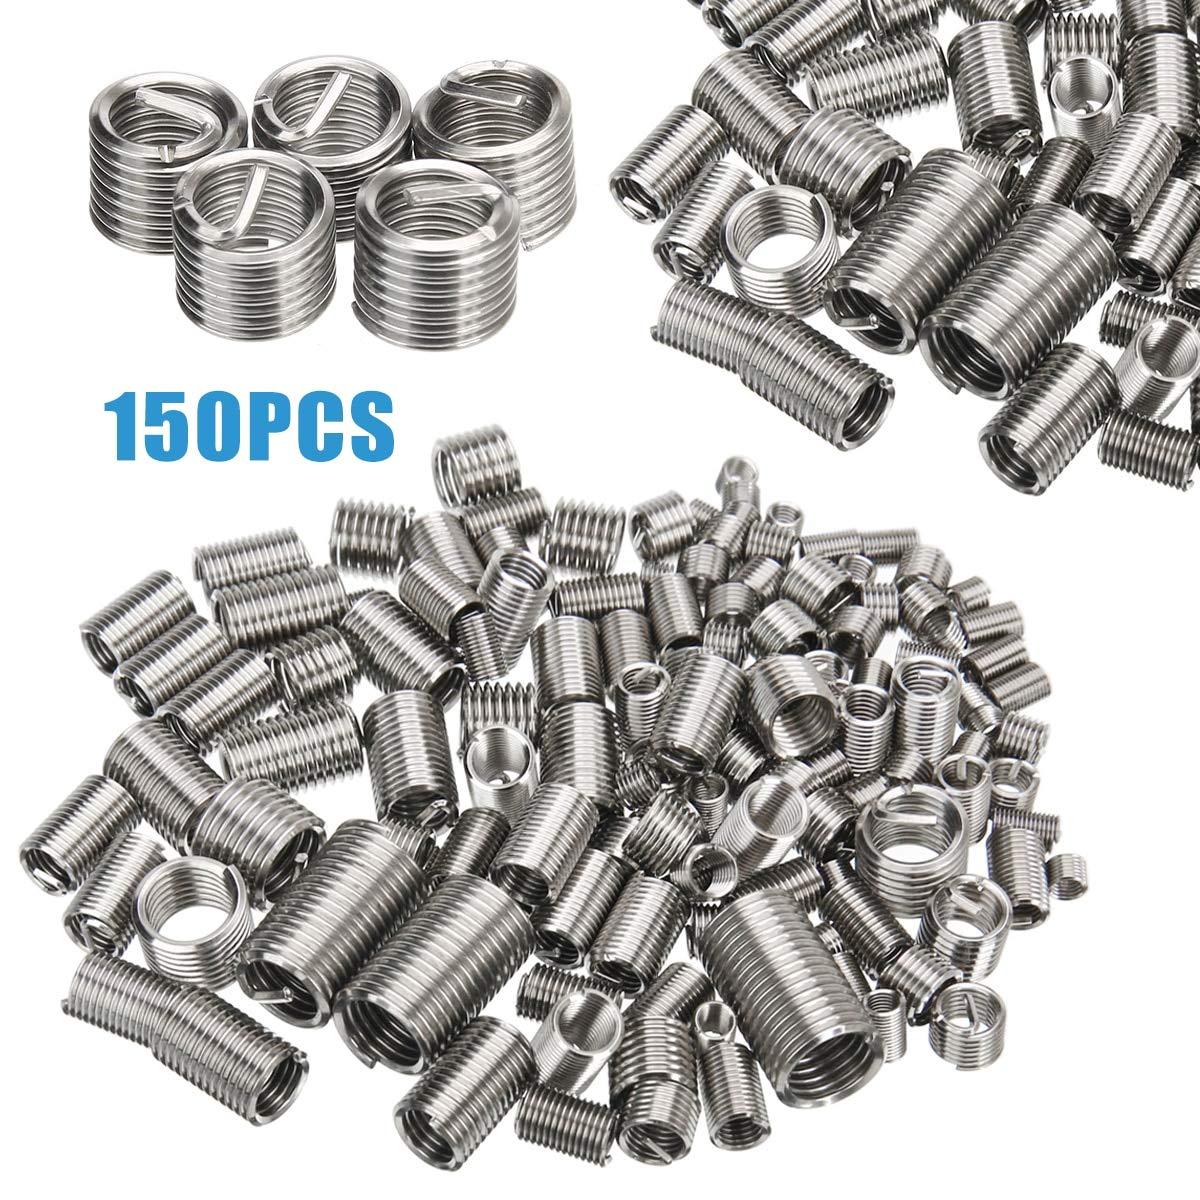 Ochoos 150pcs Stainless Steel Thread Repair Insert Kit M3 M4 M5 M6 M8 Helicoil Rivet Nut Kit